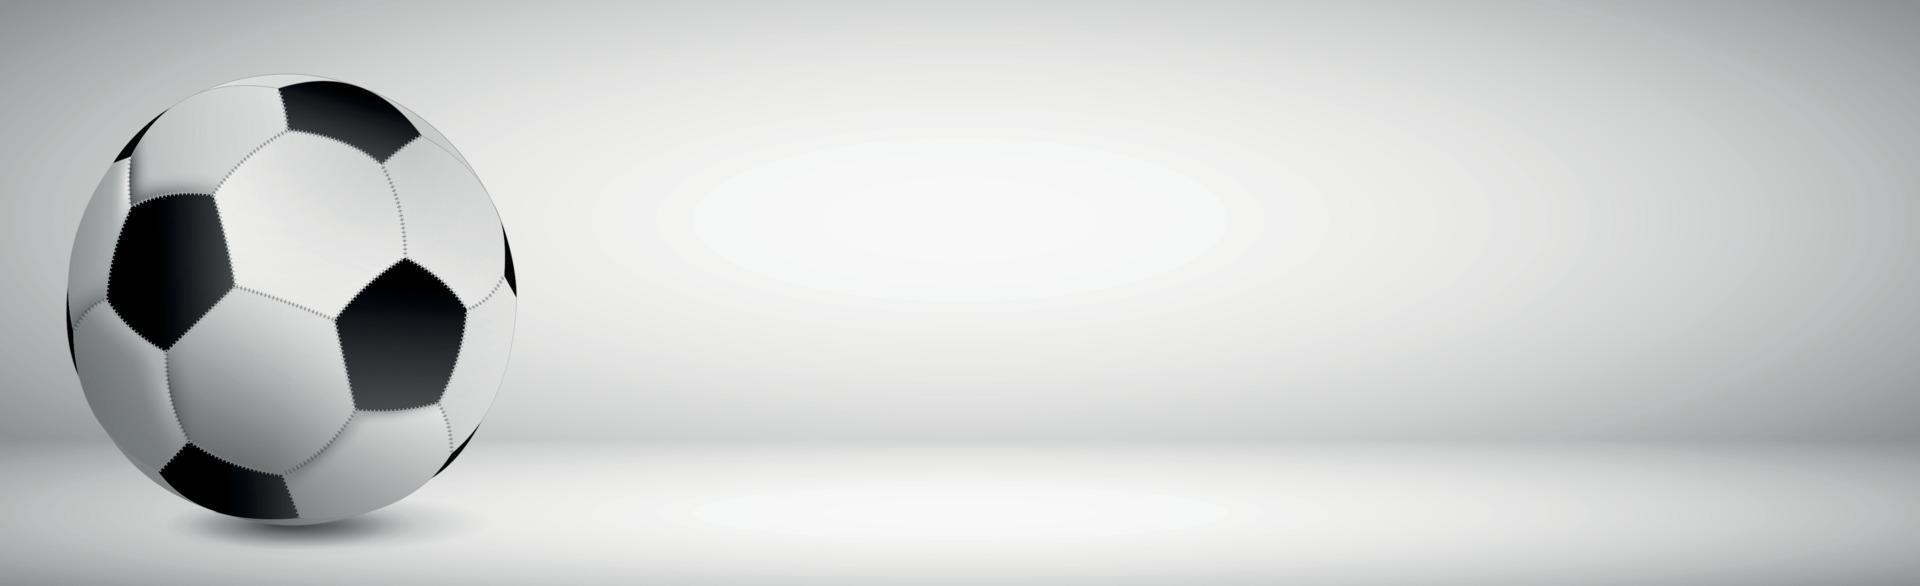 ballon de football réaliste sur fond gris vecteur